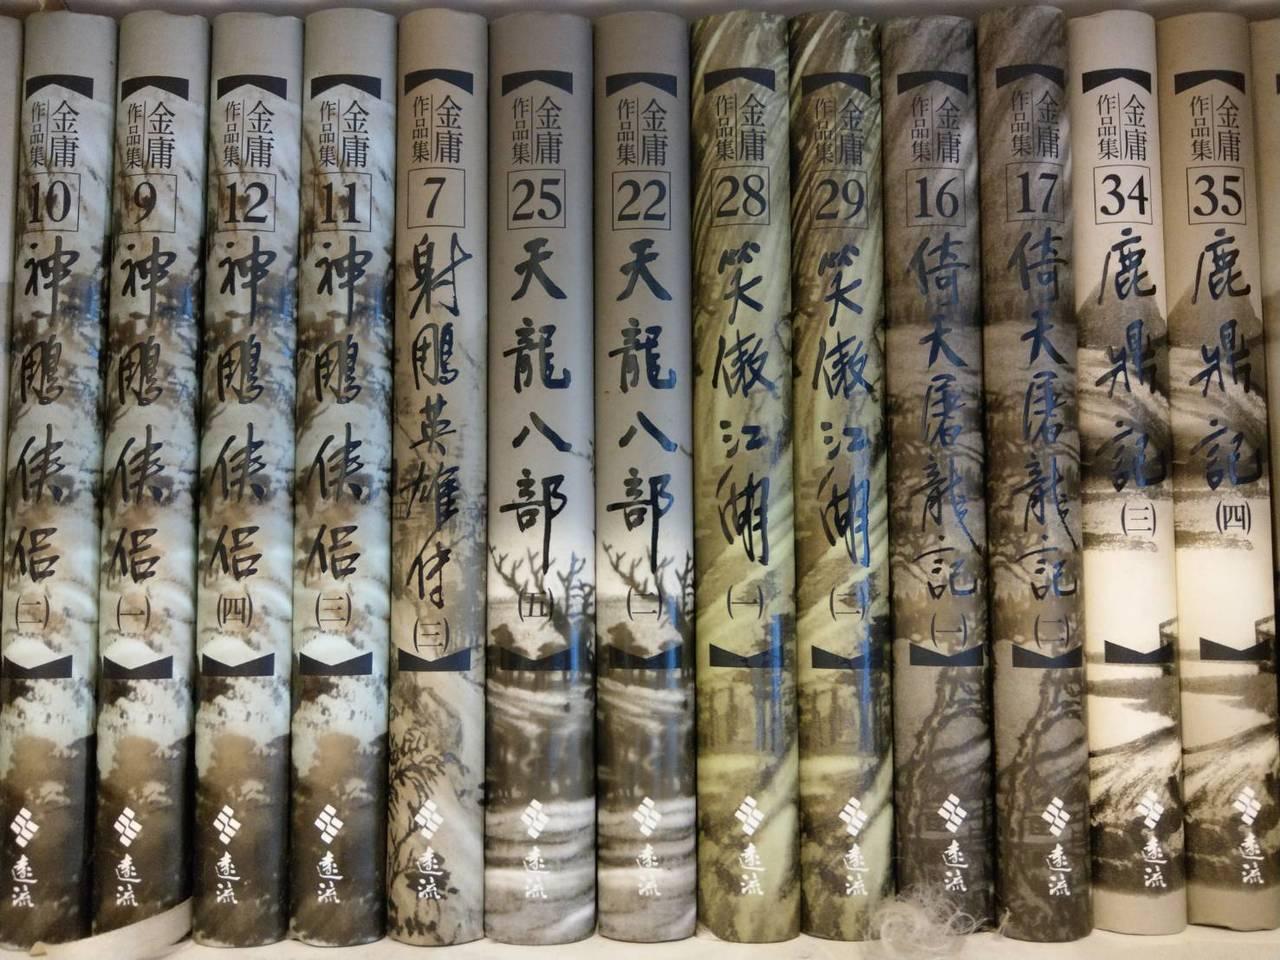 金庸的射鵰英雄傳、神鵰俠侶、天龍八部、笑傲江湖等名著,都曾被教科書收錄或被大考試...